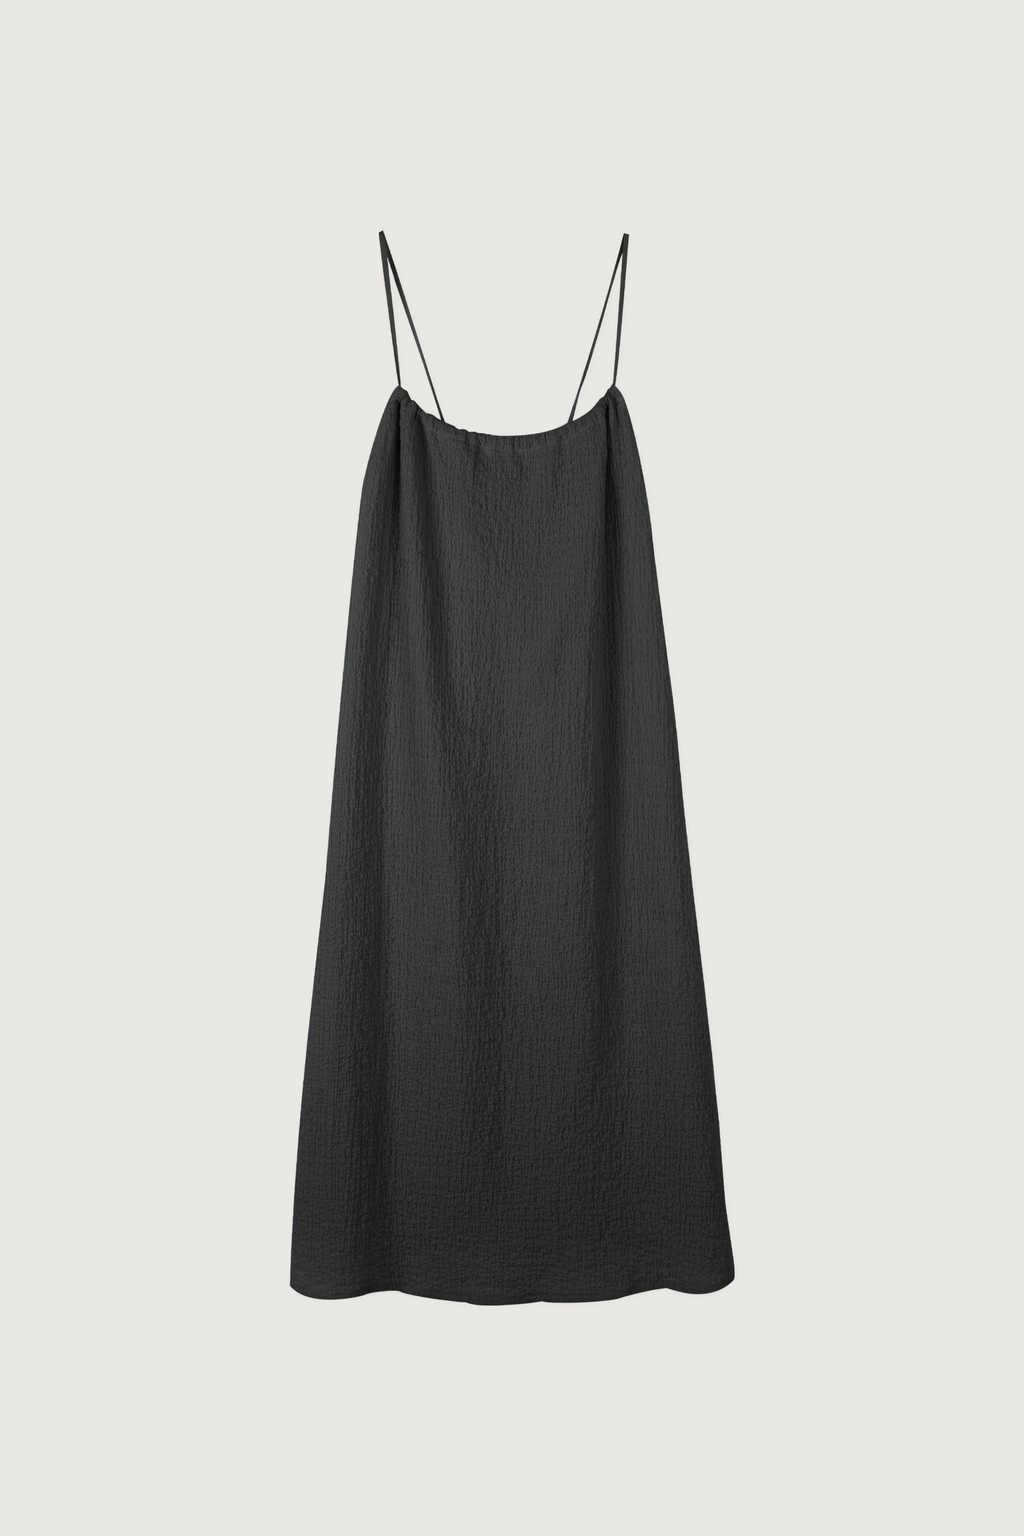 Dress 3215 Charcoal 7